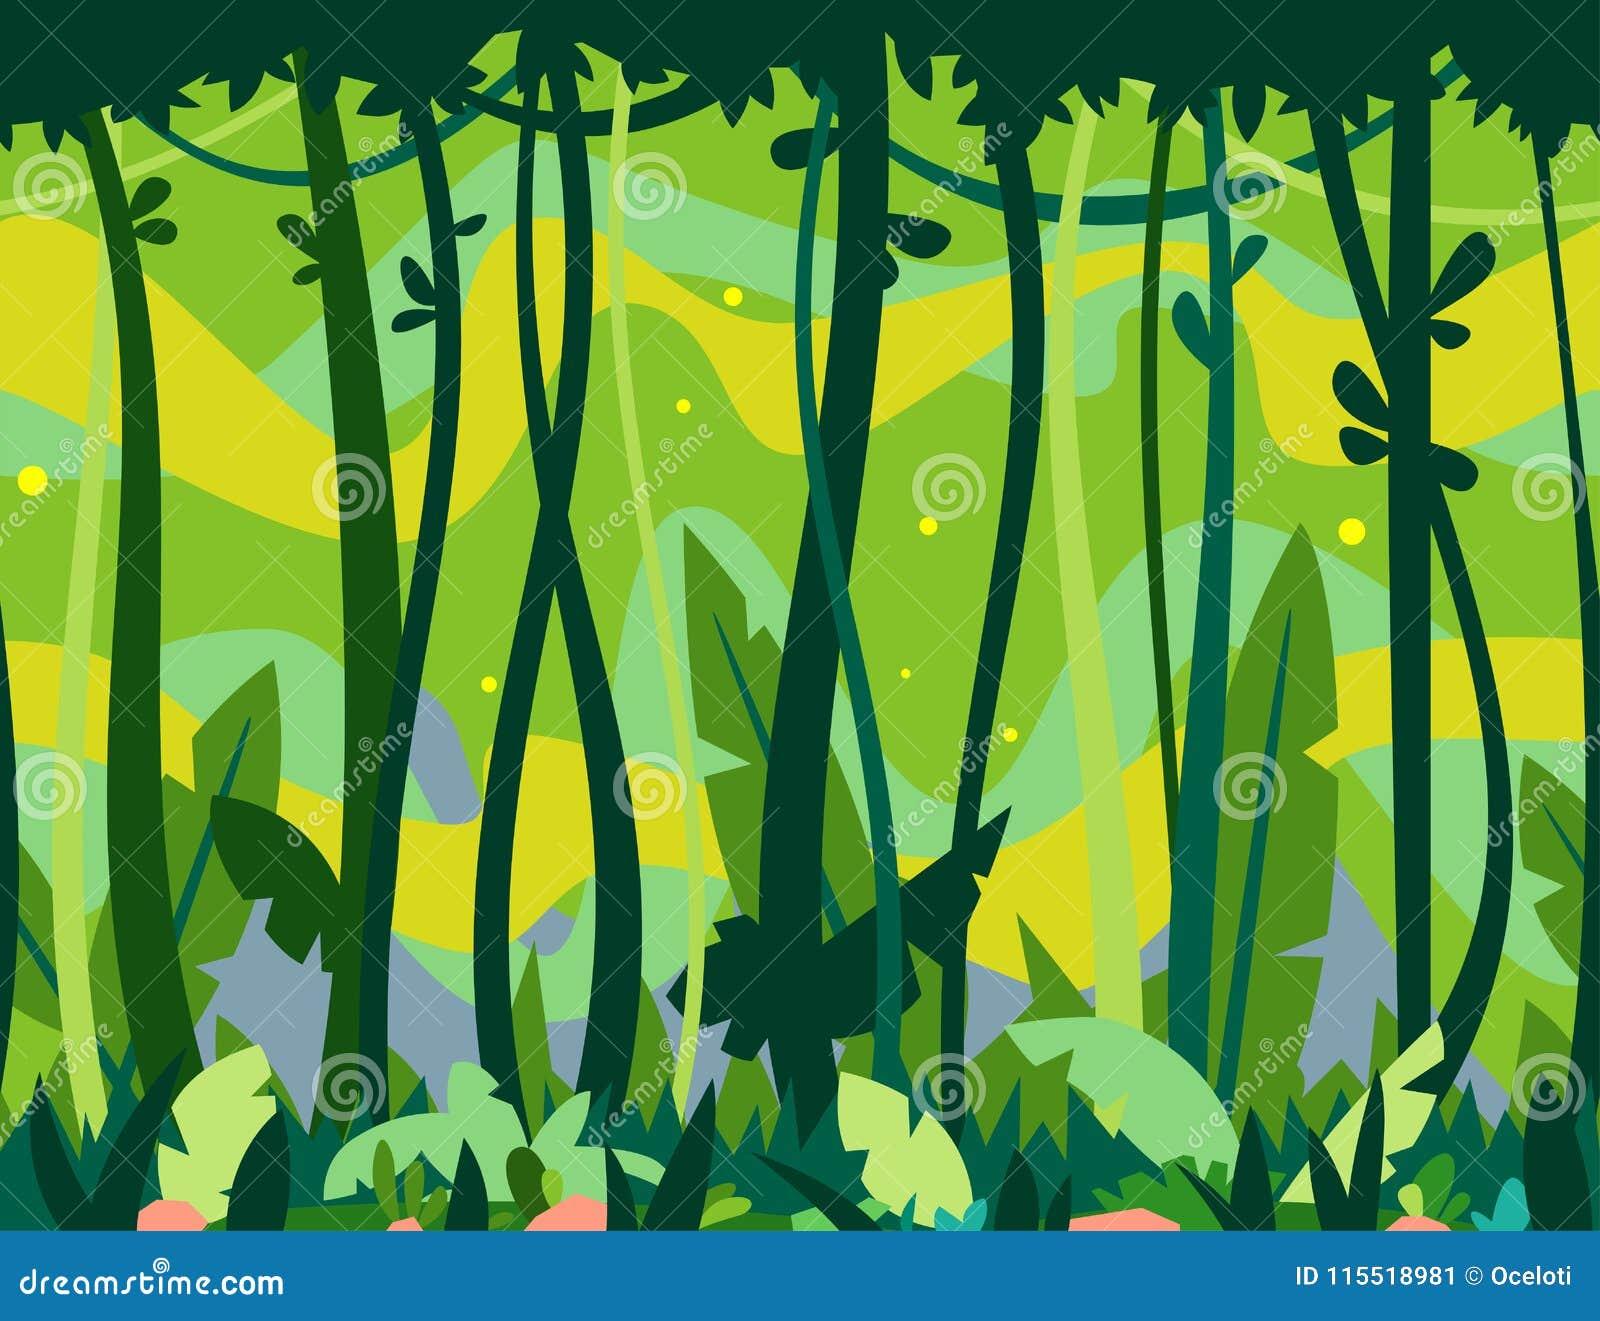 Selva Forest Game Background Ilustración del Vector - Ilustración de ...